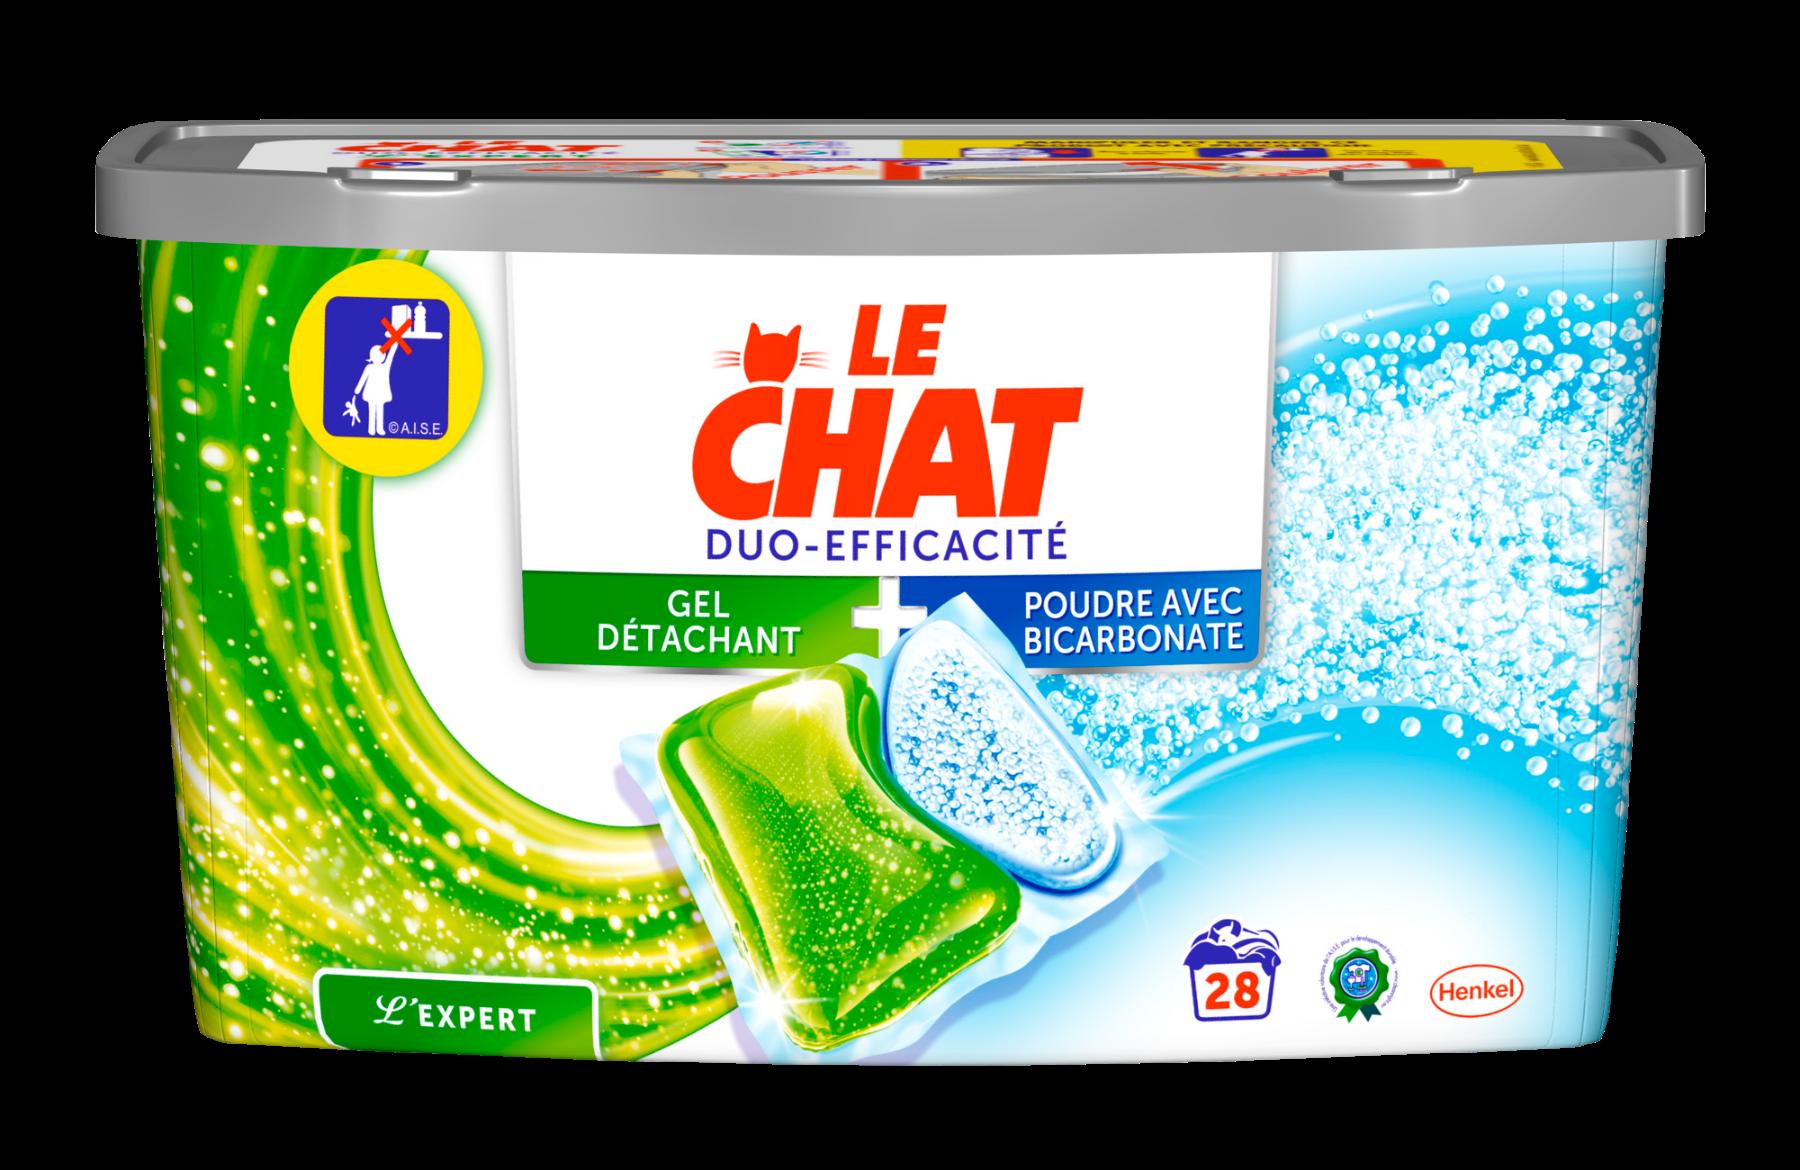 Lessive duo-efficacité Le Chat,LE CHAT,les 30 doses